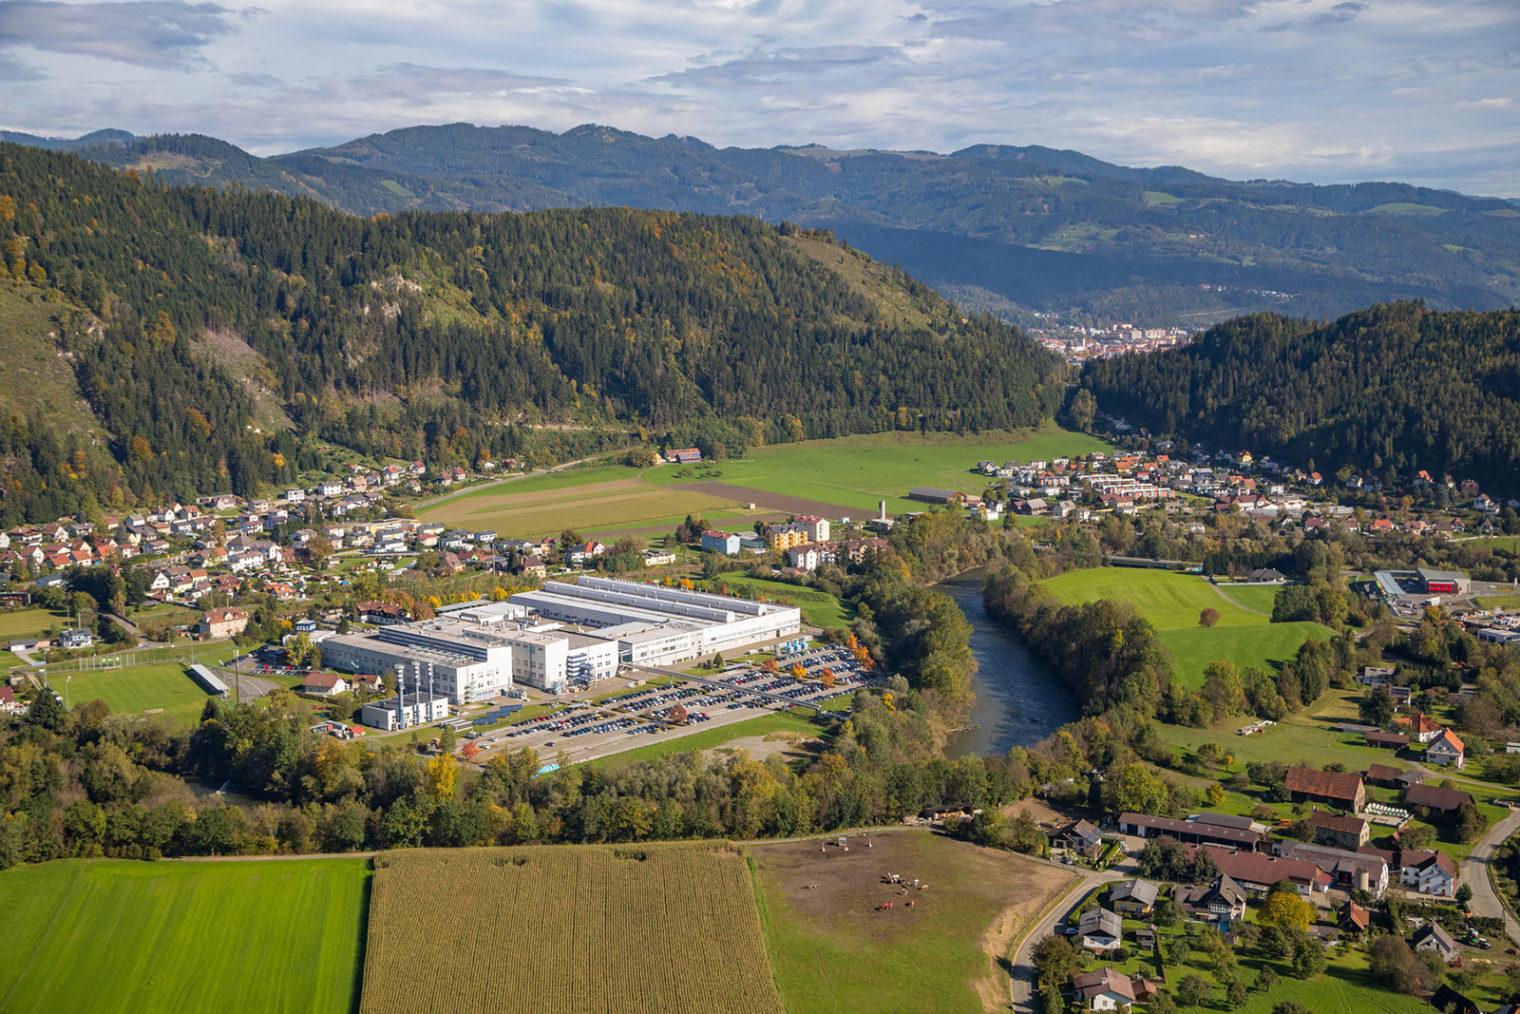 Luftaufnahme AT&S Standort in Hinterberg